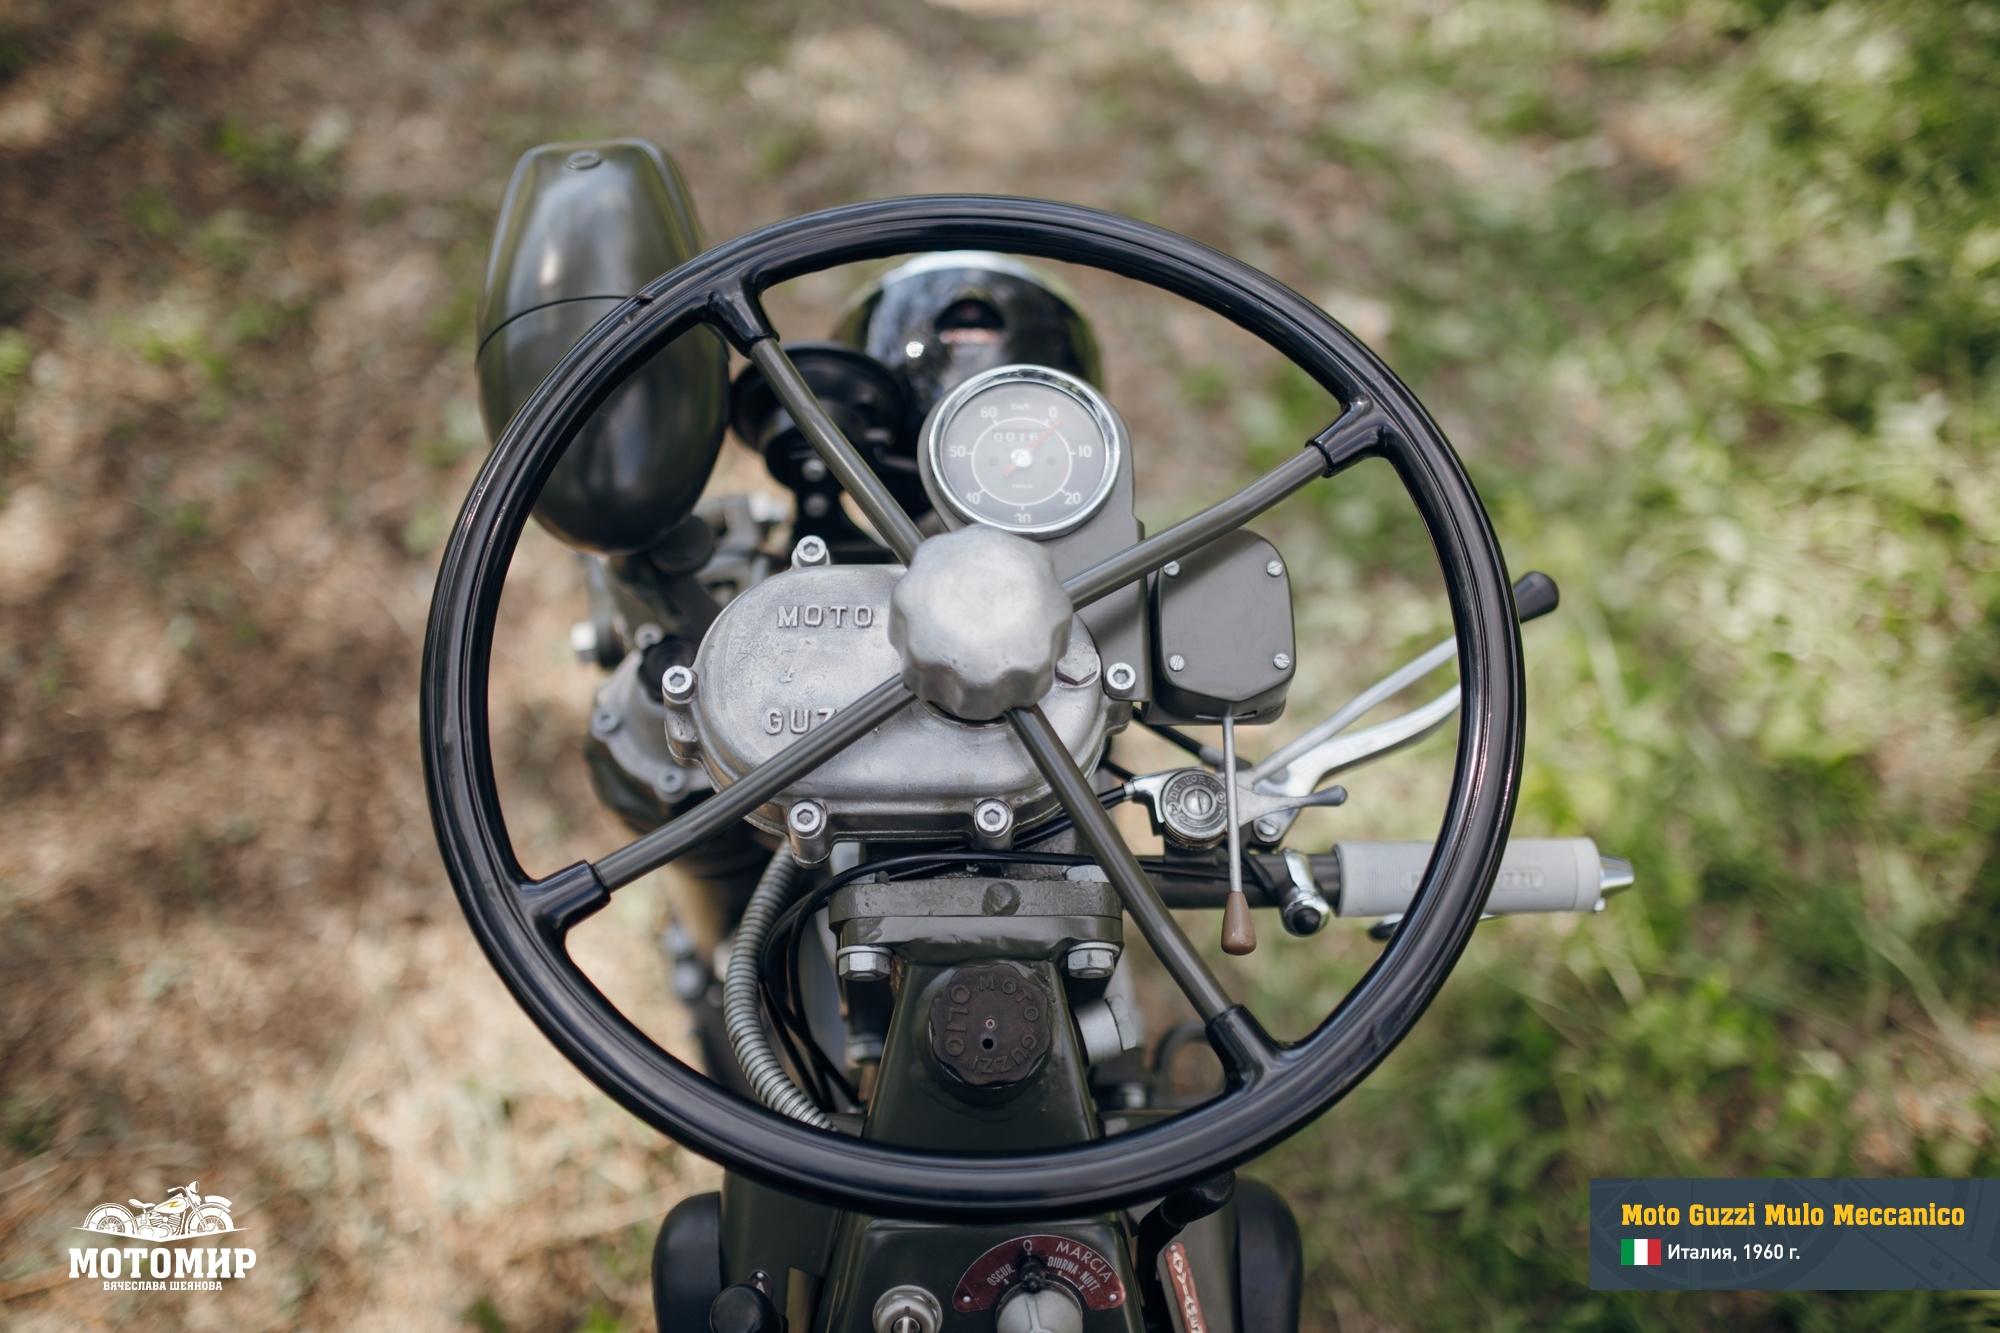 moto-guzzi-mulo-201506-web-42